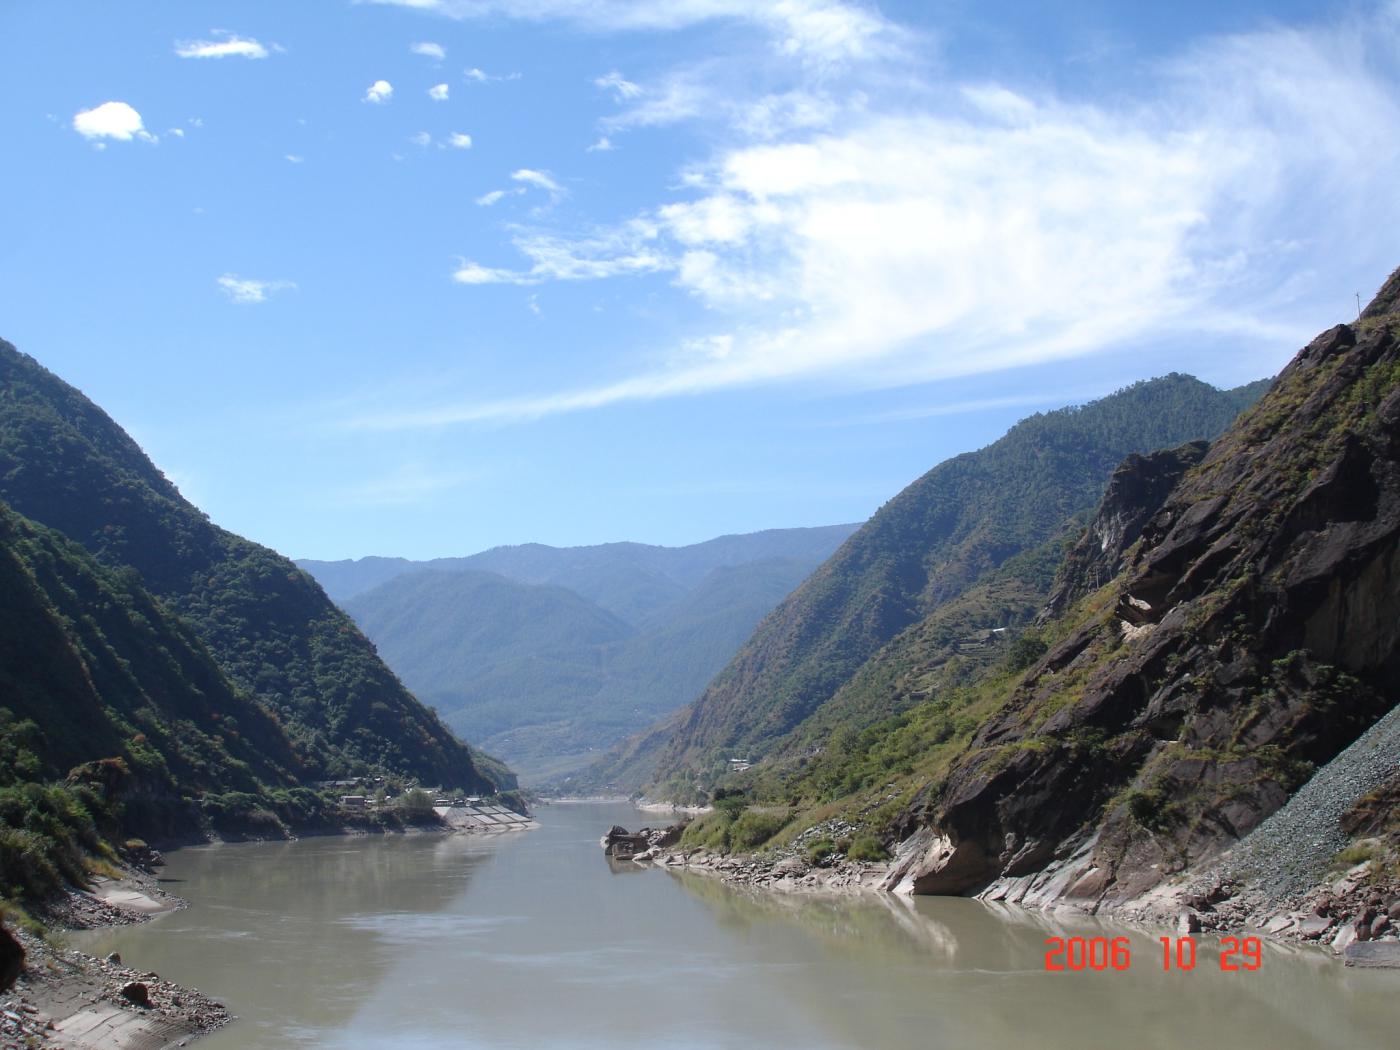 【汉良子】虎跳峡--中国最深的峡谷之一(图)_图1-8